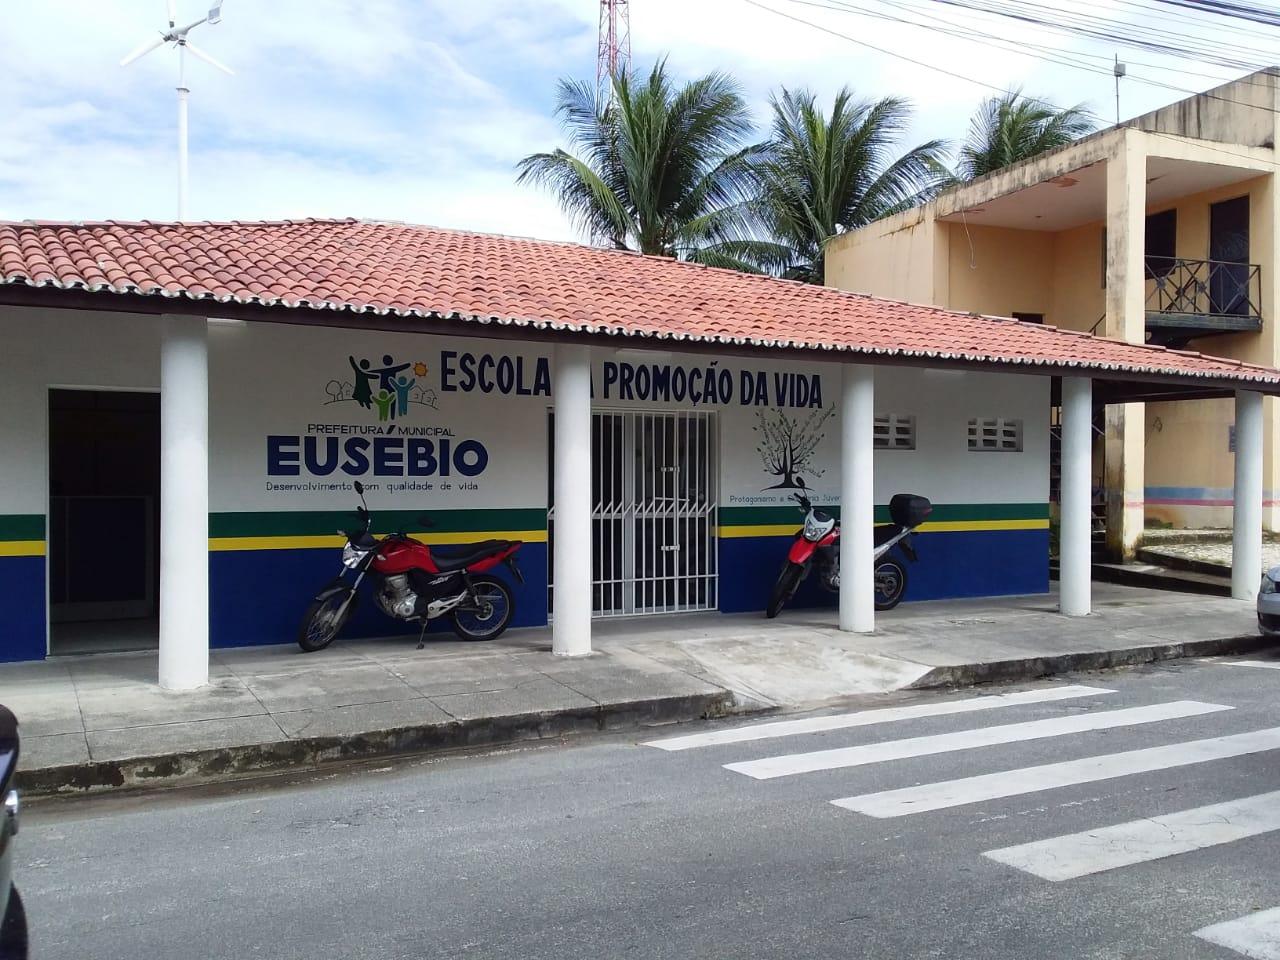 Eusébio inaugura a Escola da Promoção da Vida na próxima segunda-feira